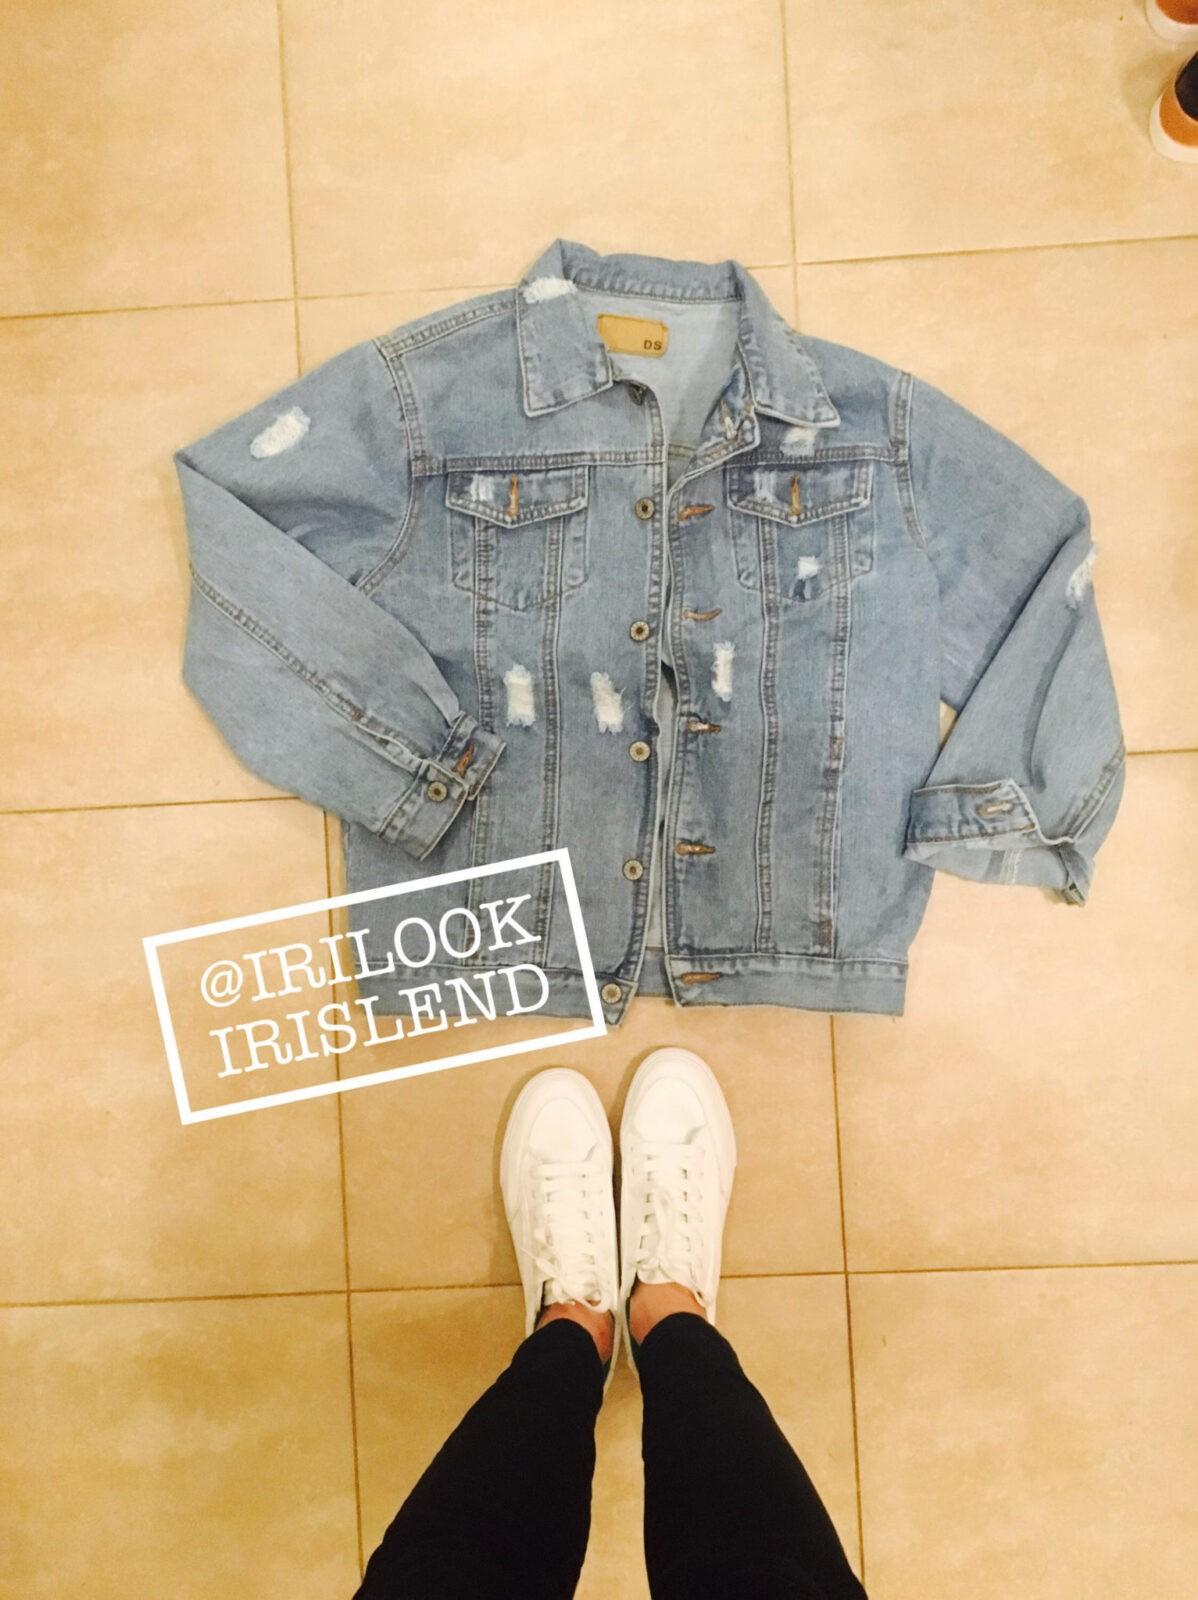 джинсовая куртка с алиэкпресс. купить джинсовку